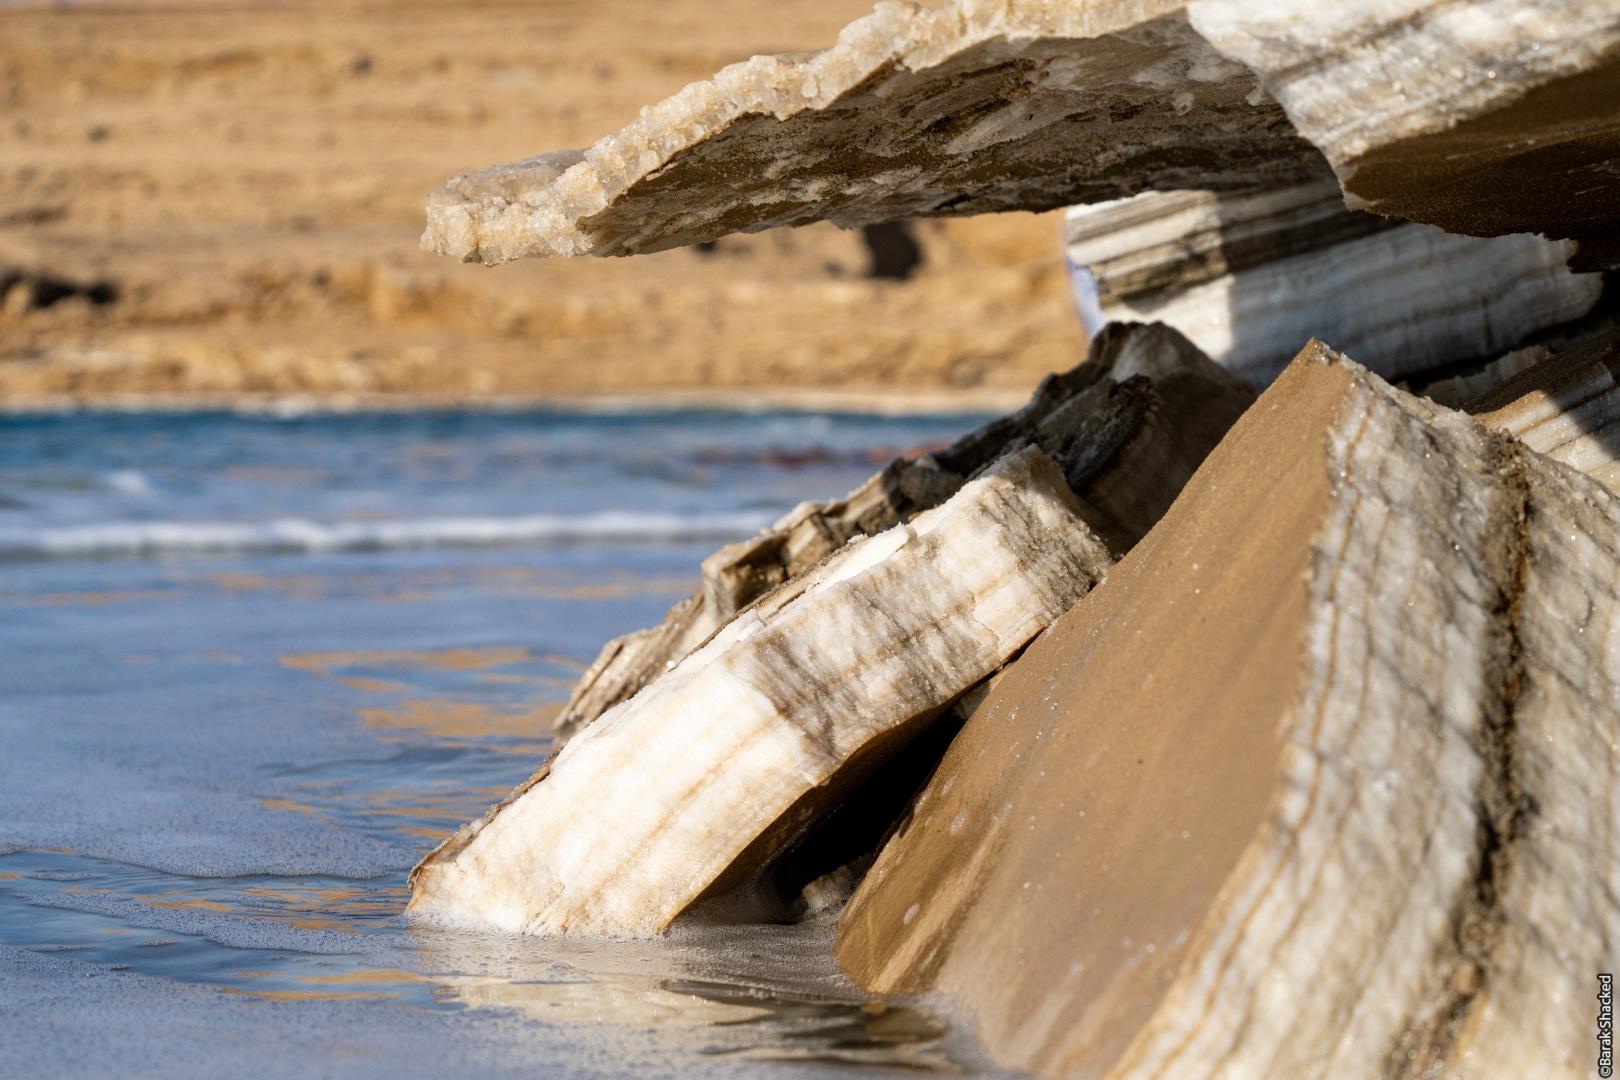 צילםו מדף מלח בים המלח